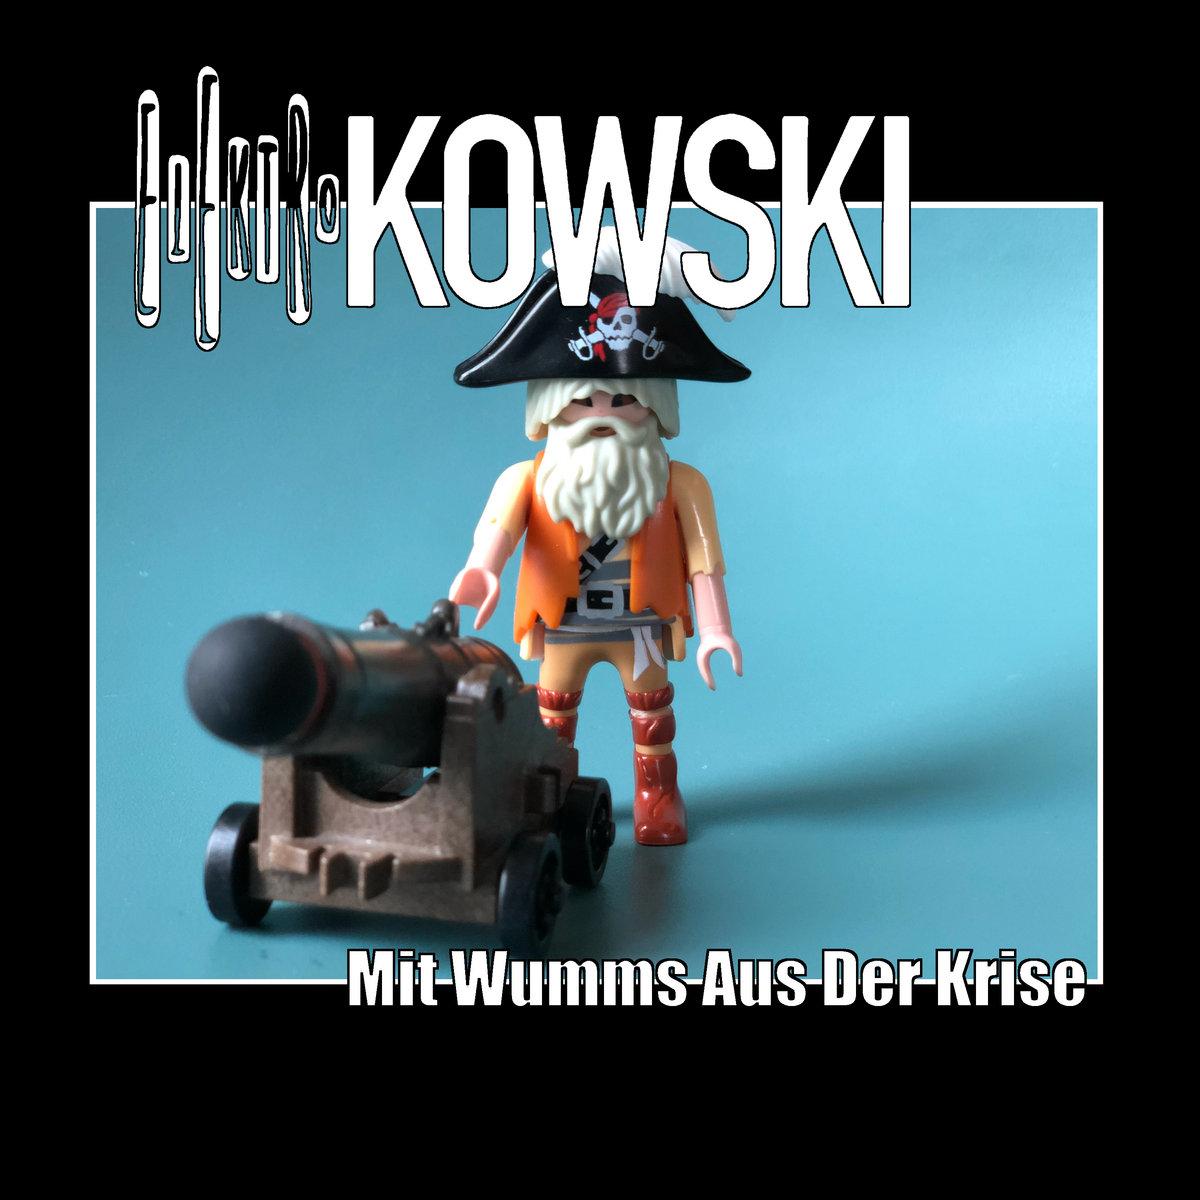 Mit Wumms Aus Der Krise by Elektrokowski